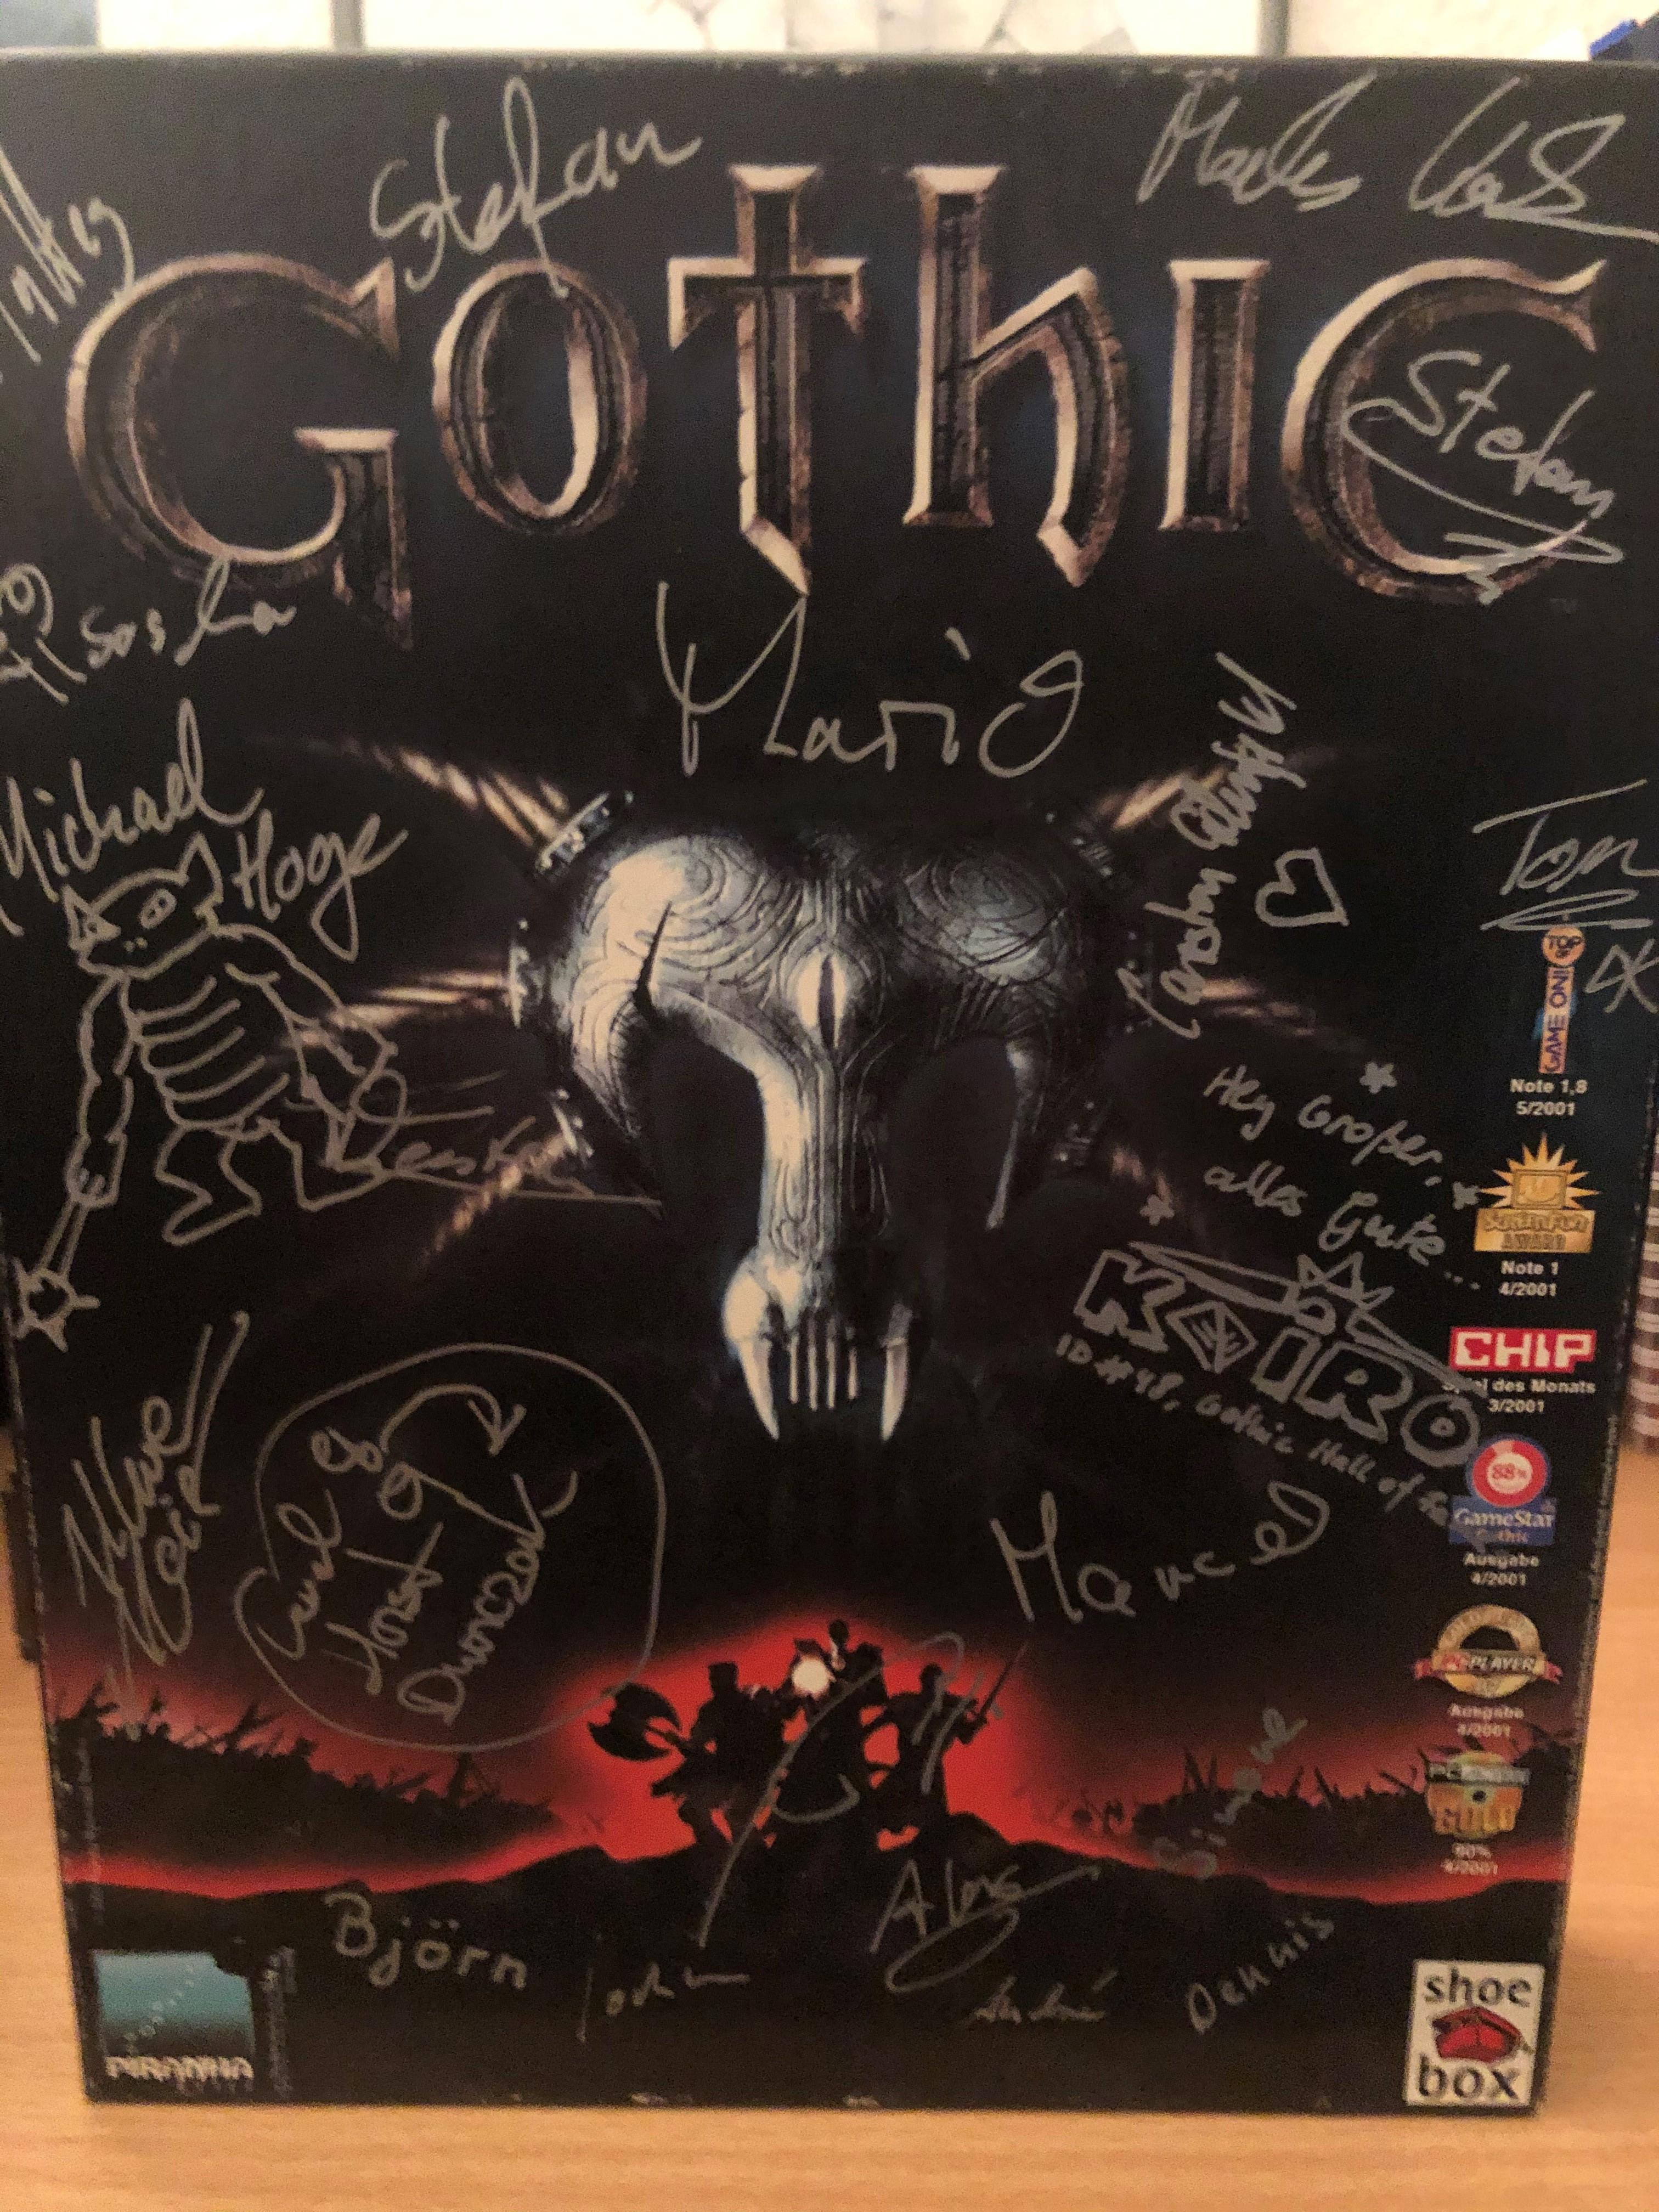 Deutsche Erstausgabe von Gothic mit Unterschriften des Teams